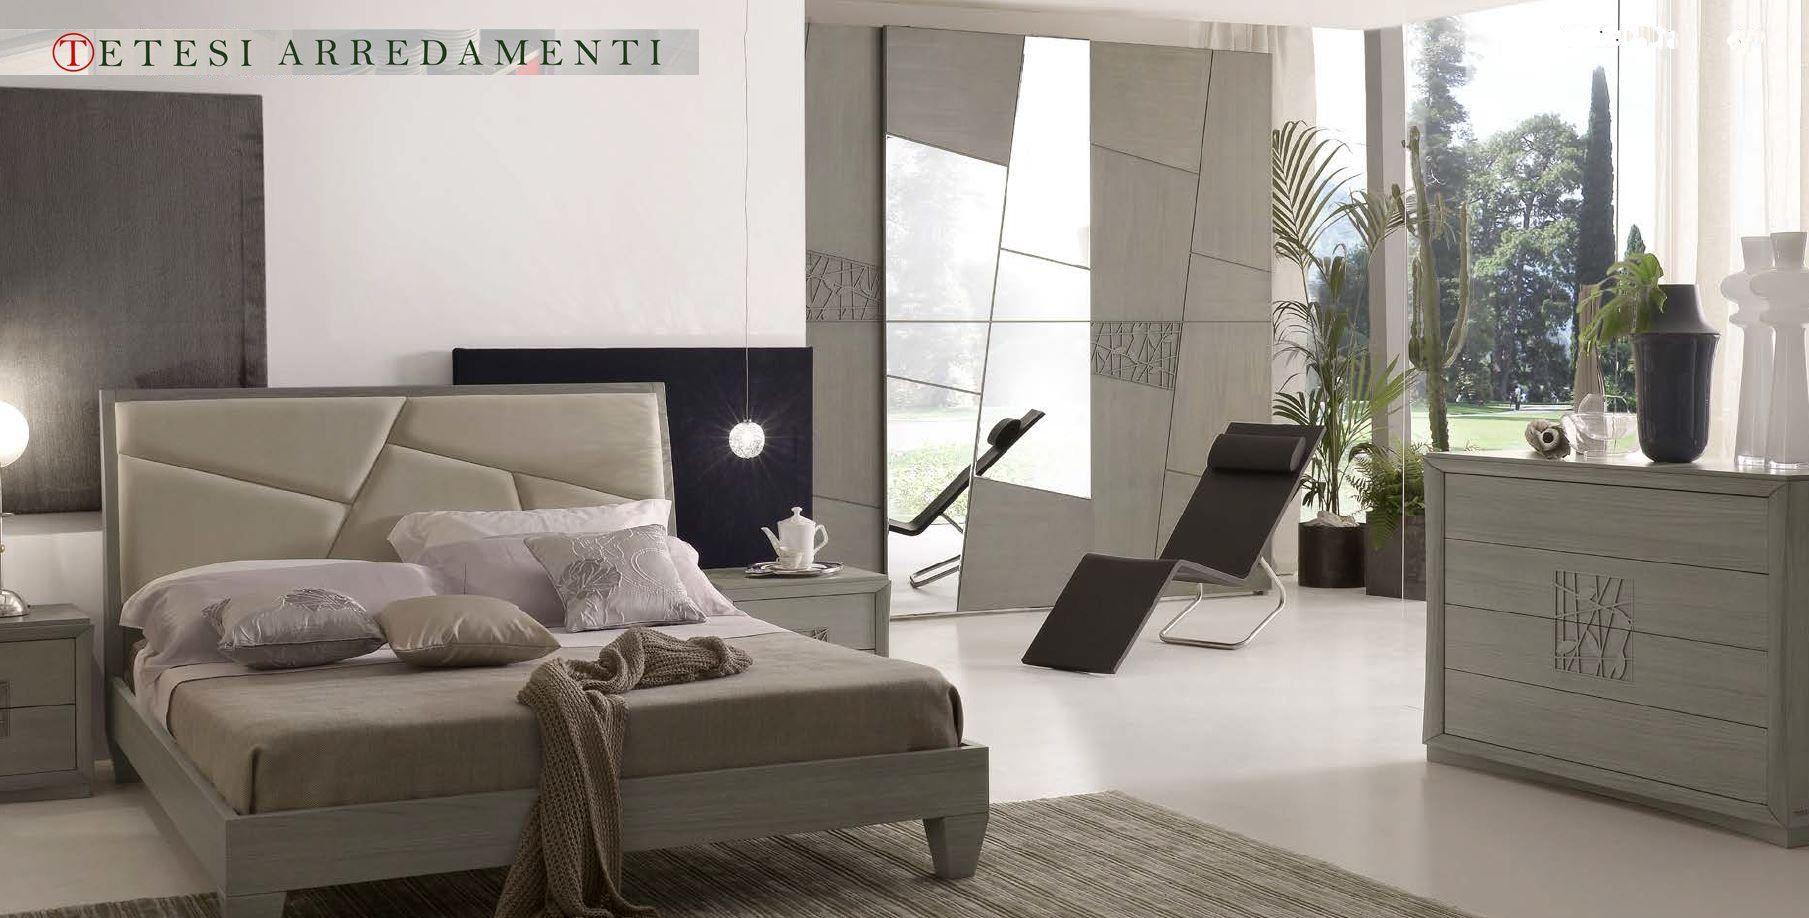 Camere Da Letto Stile Barocco. Elegant Affordable Coppia Di Poltrone ...